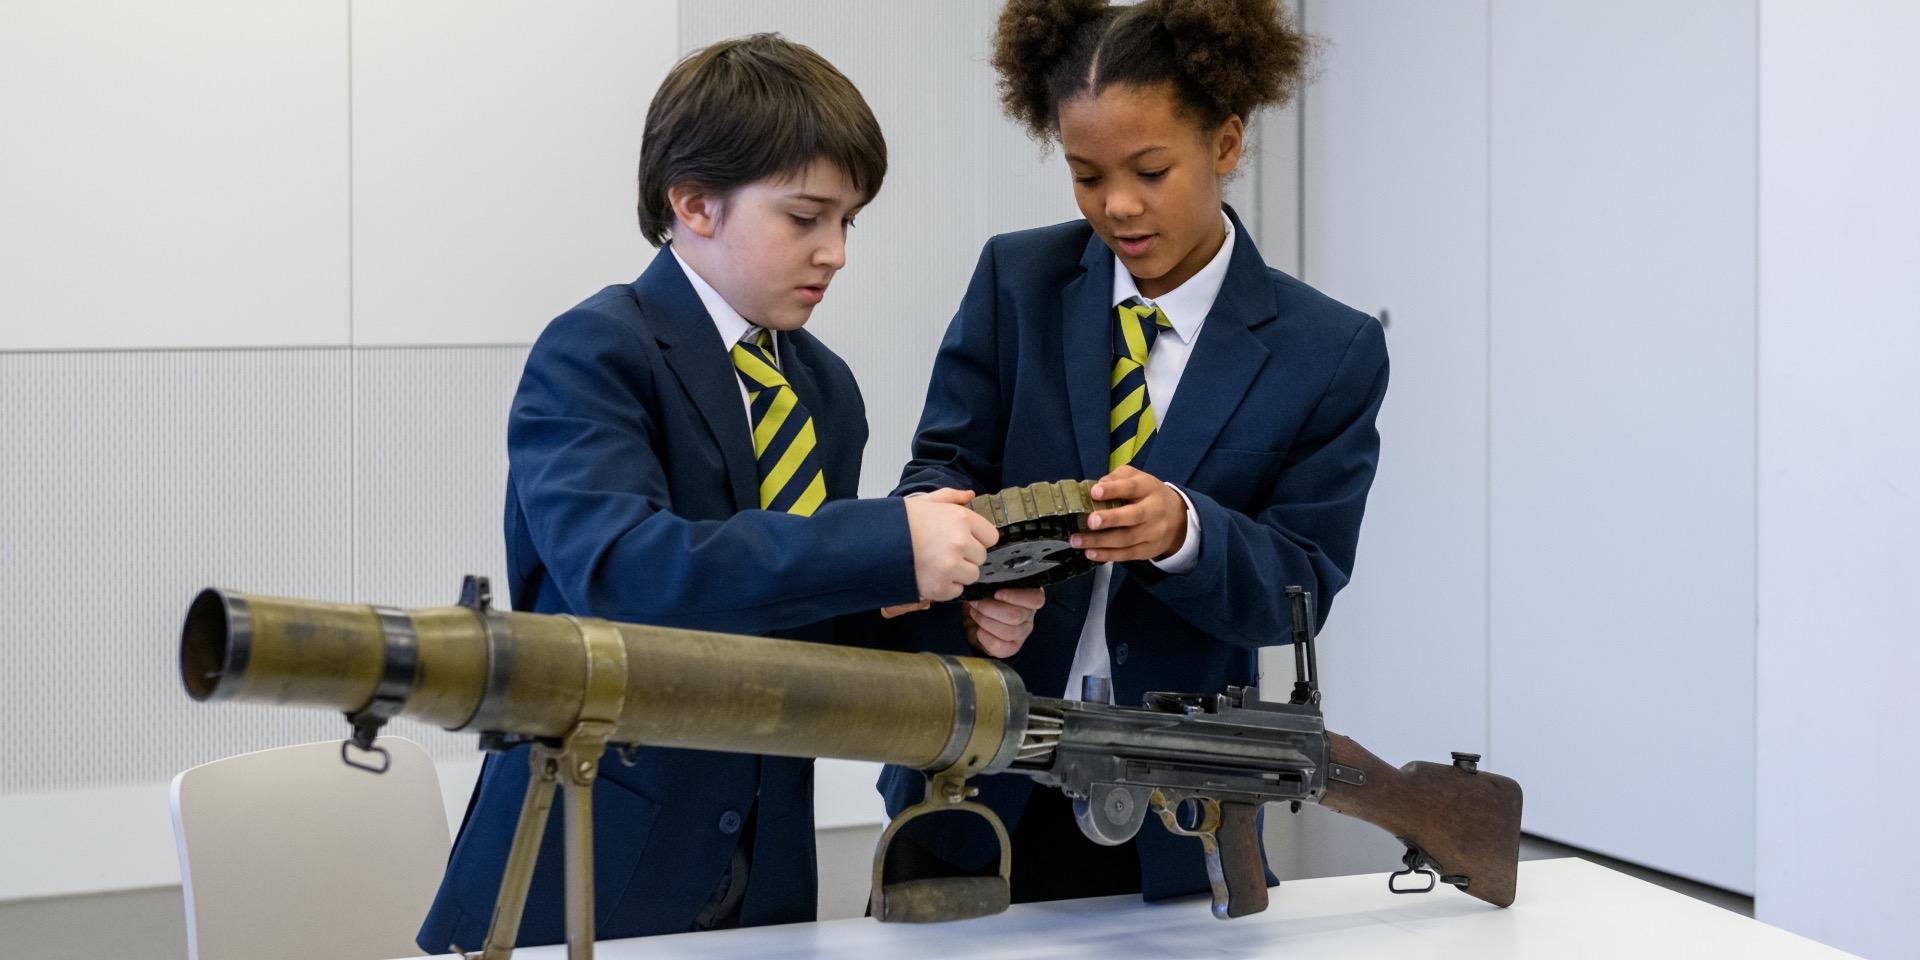 School children examining First World War weaponry